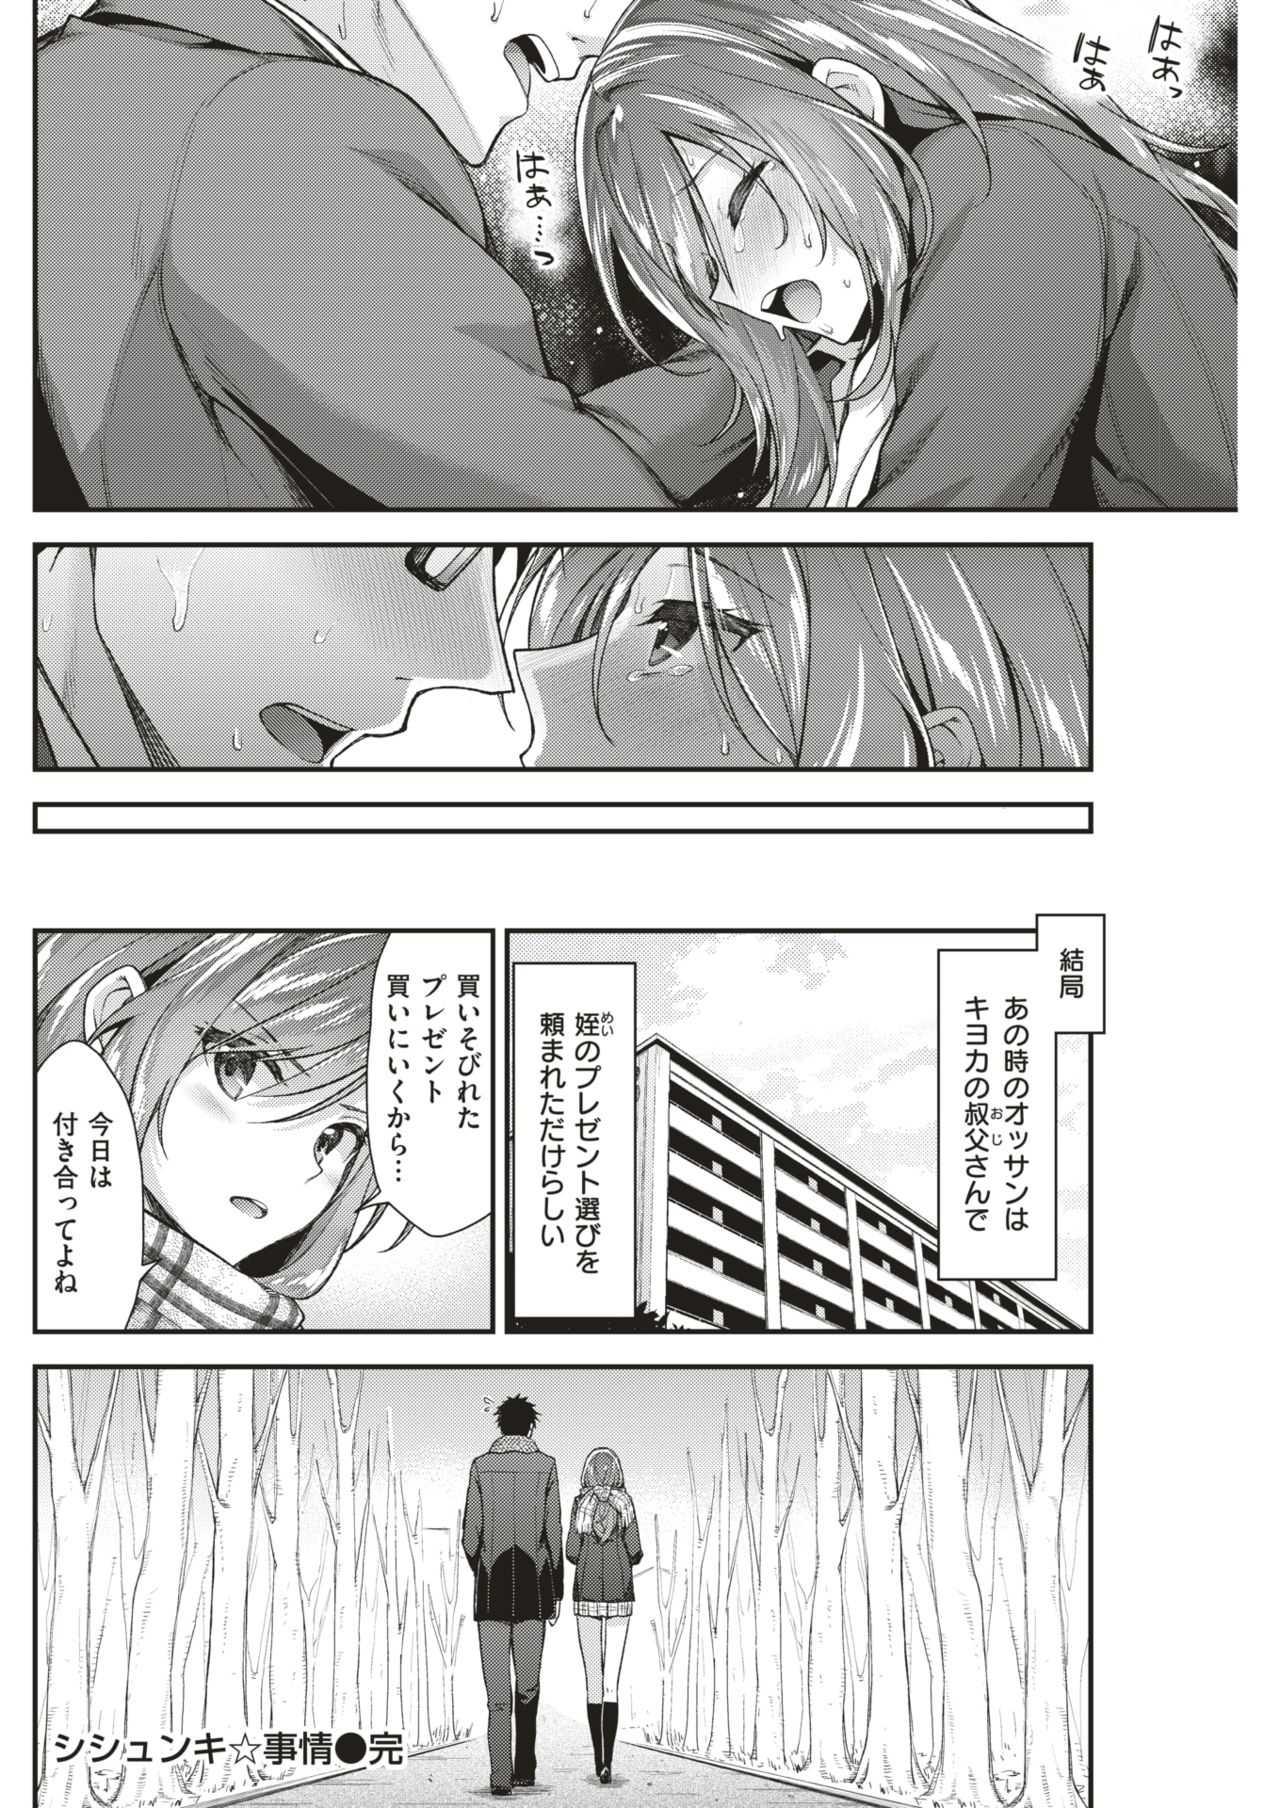 【エロ漫画】仲の良かった幼馴染の女の子が援交しているという噂を聞き真相を確かめることにwww